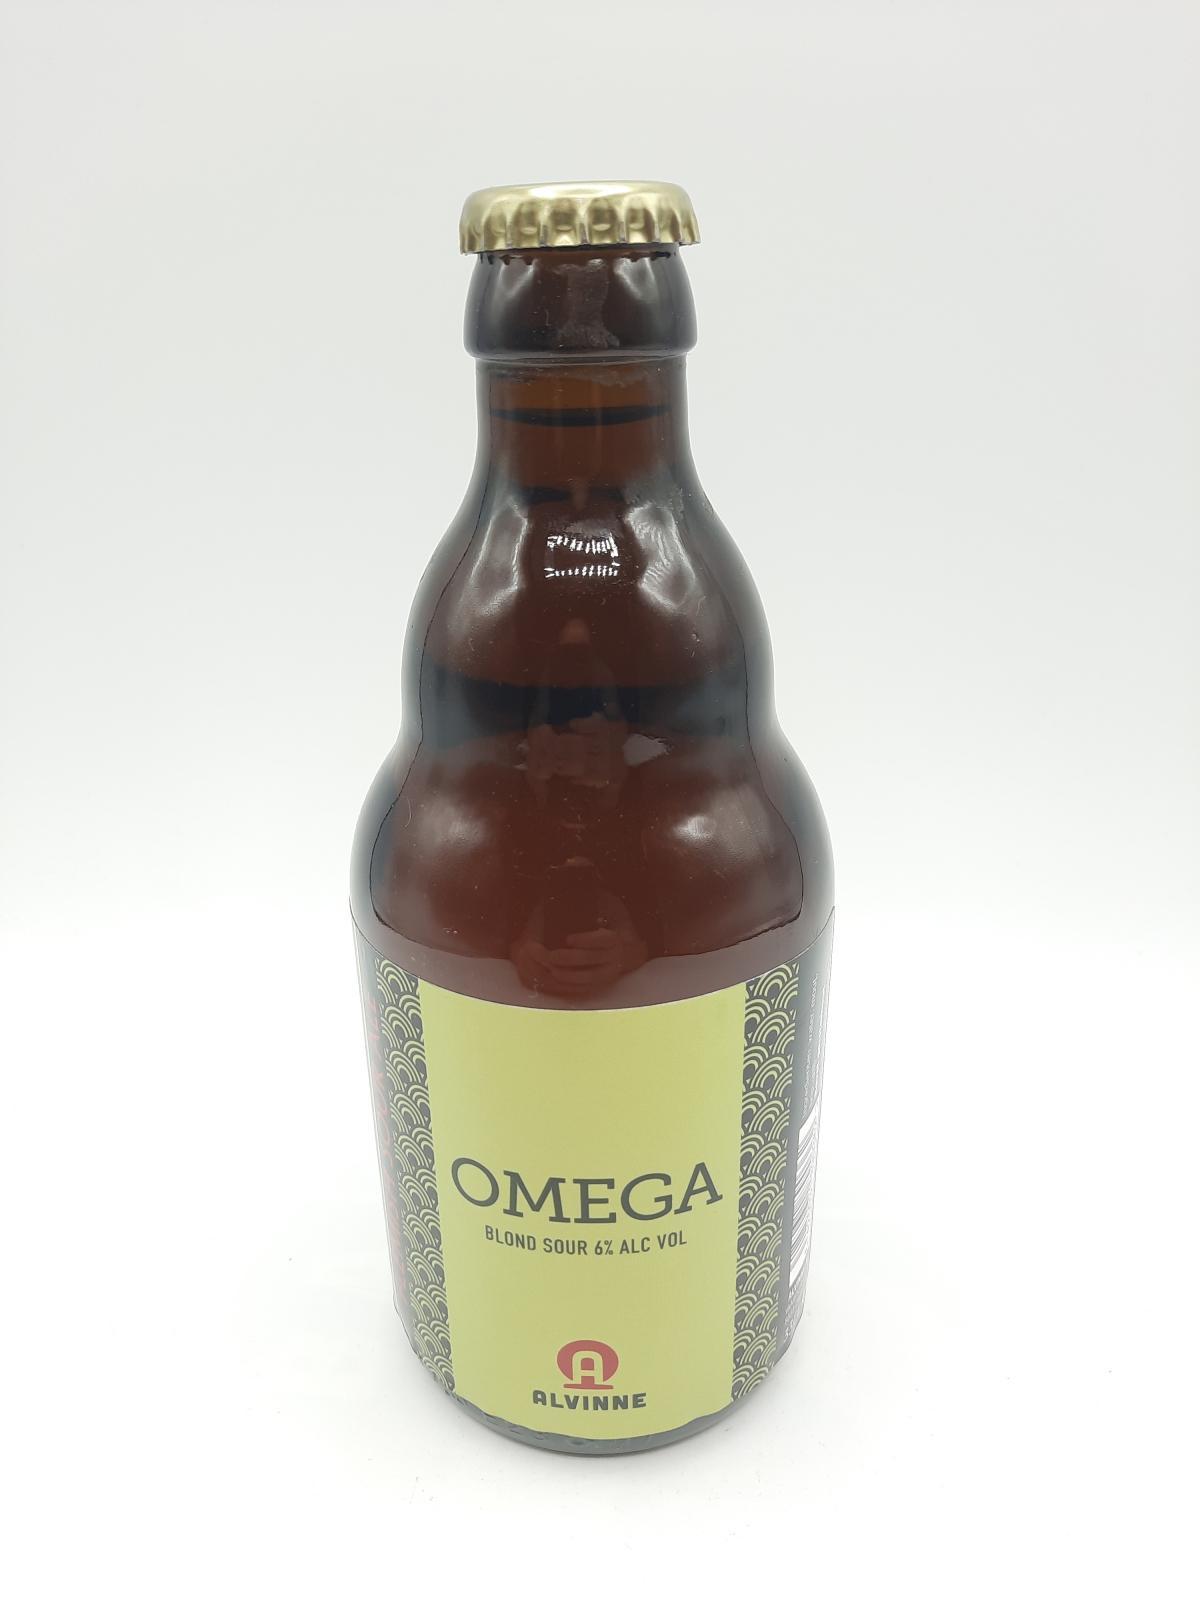 Image Omega